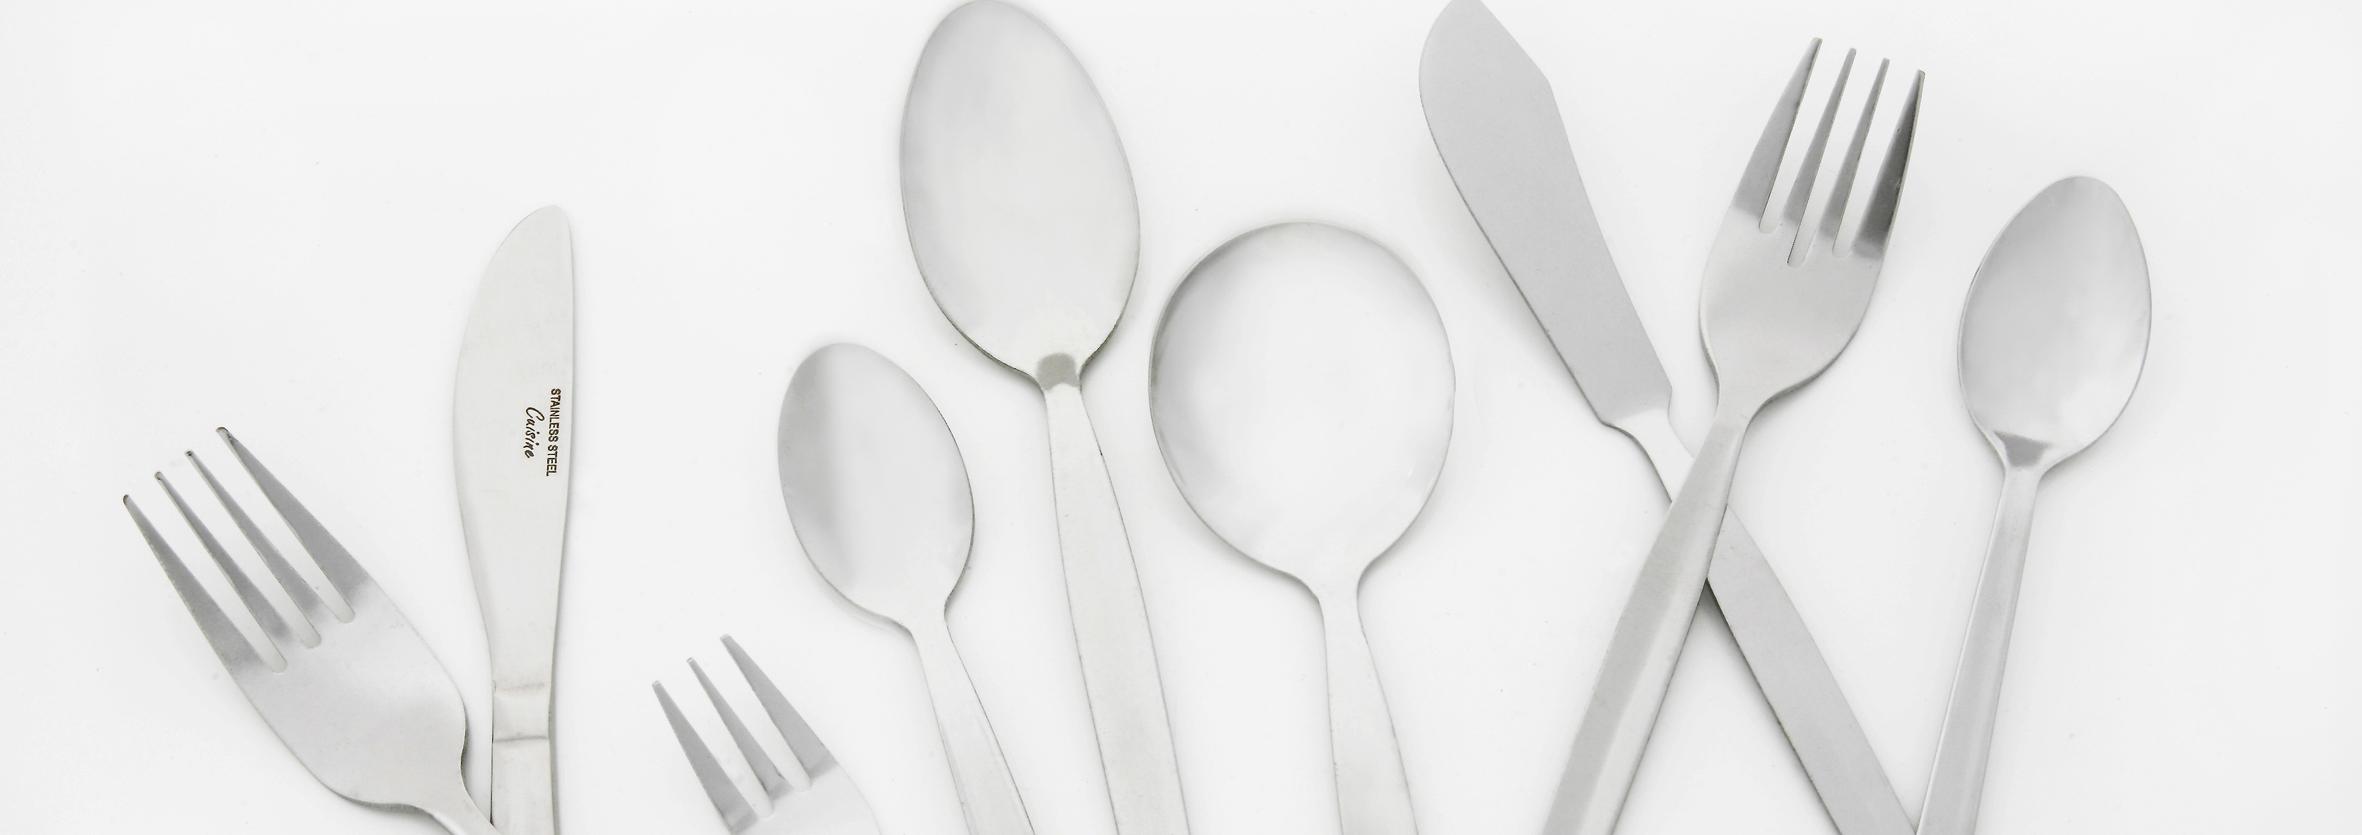 Cuisine Cutlery Range.JPG